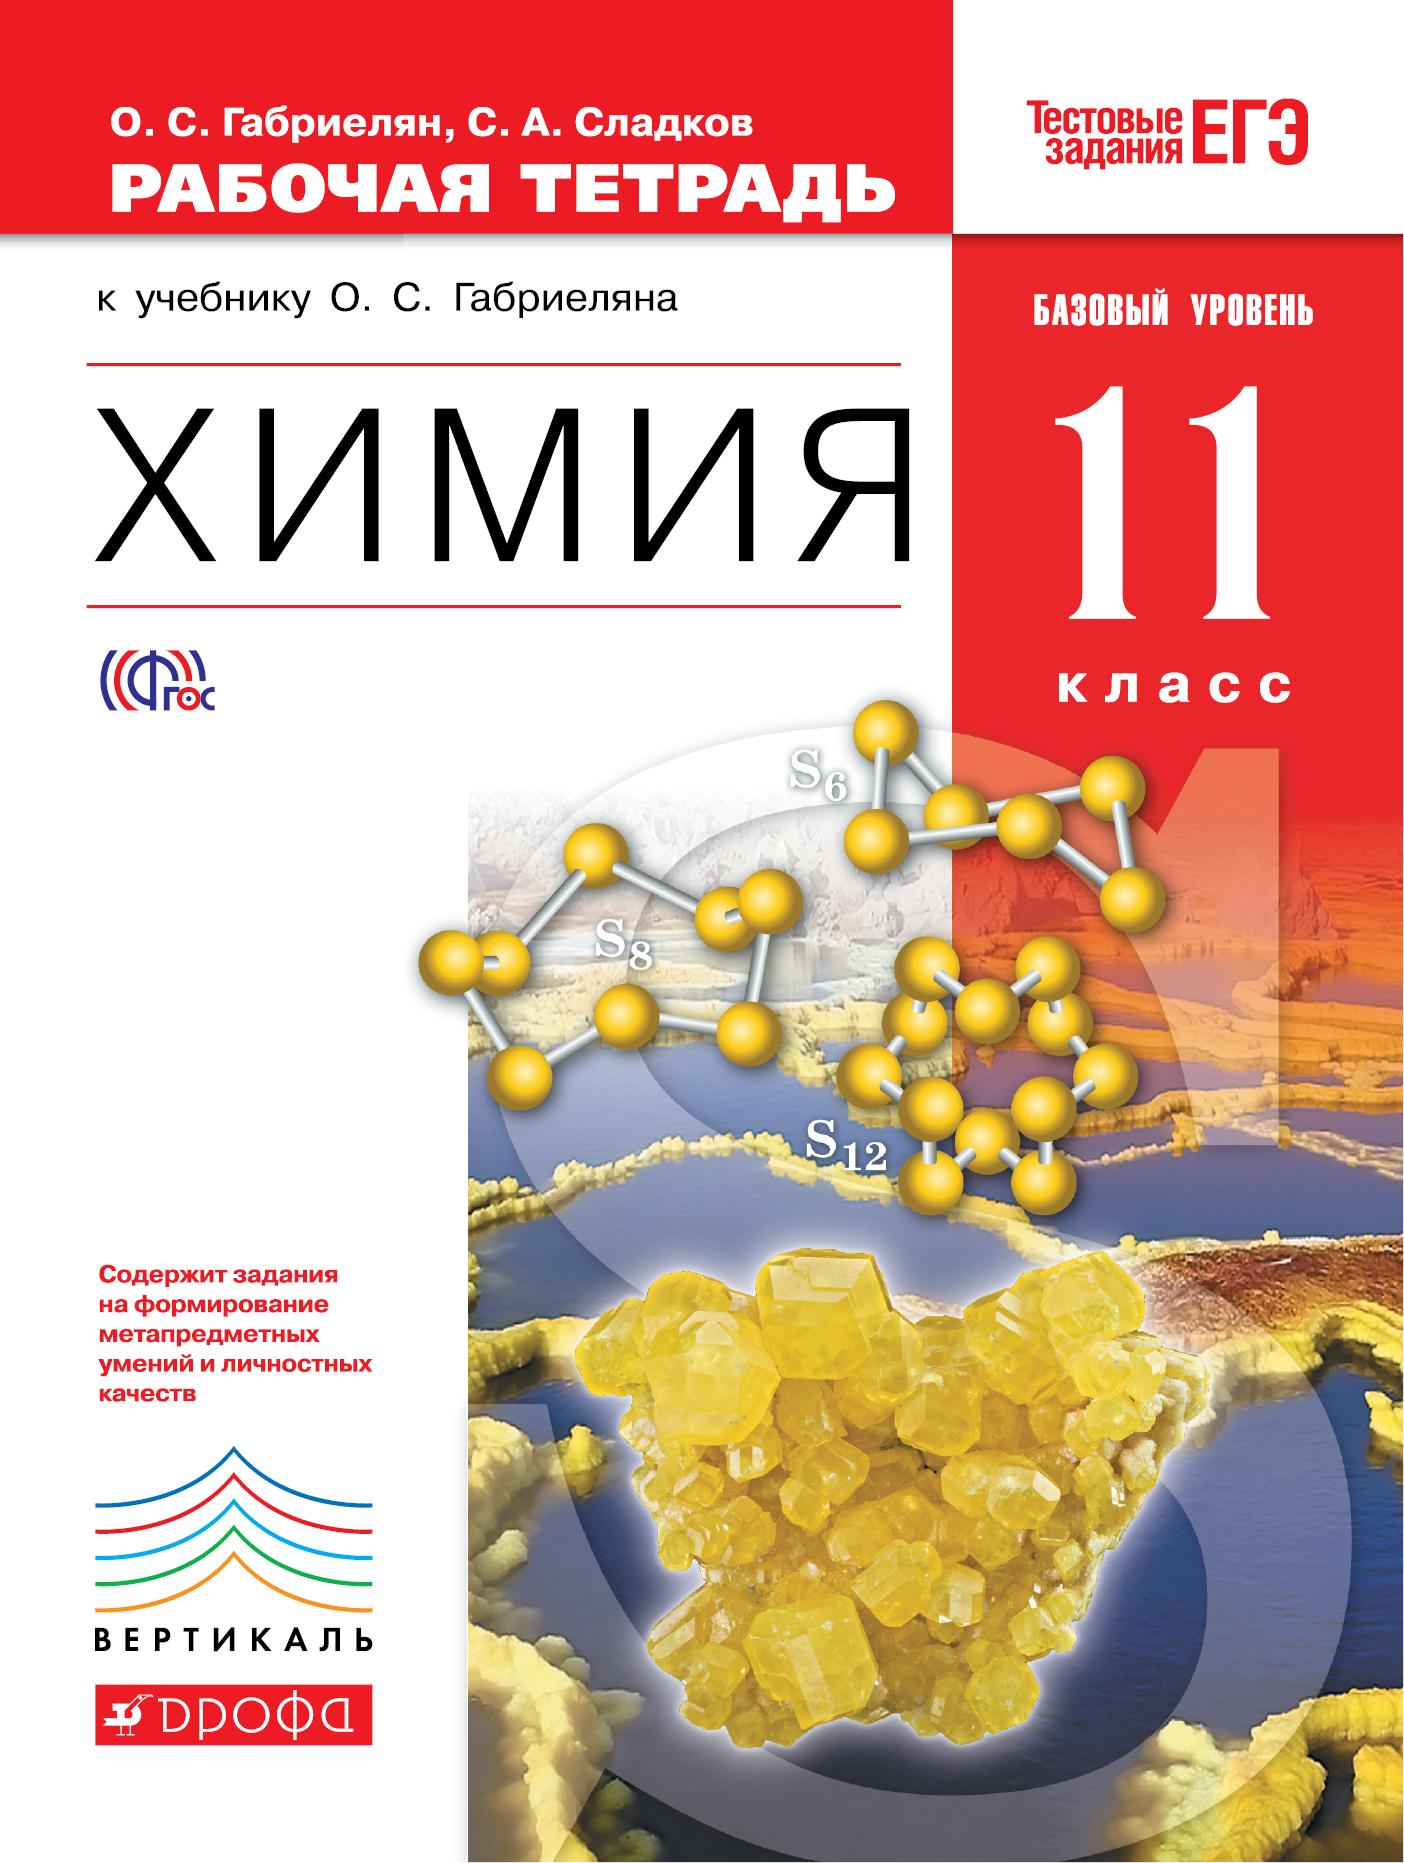 Химия 11кл [Р/т+ЕГЭ] баз. ур. Вертикаль